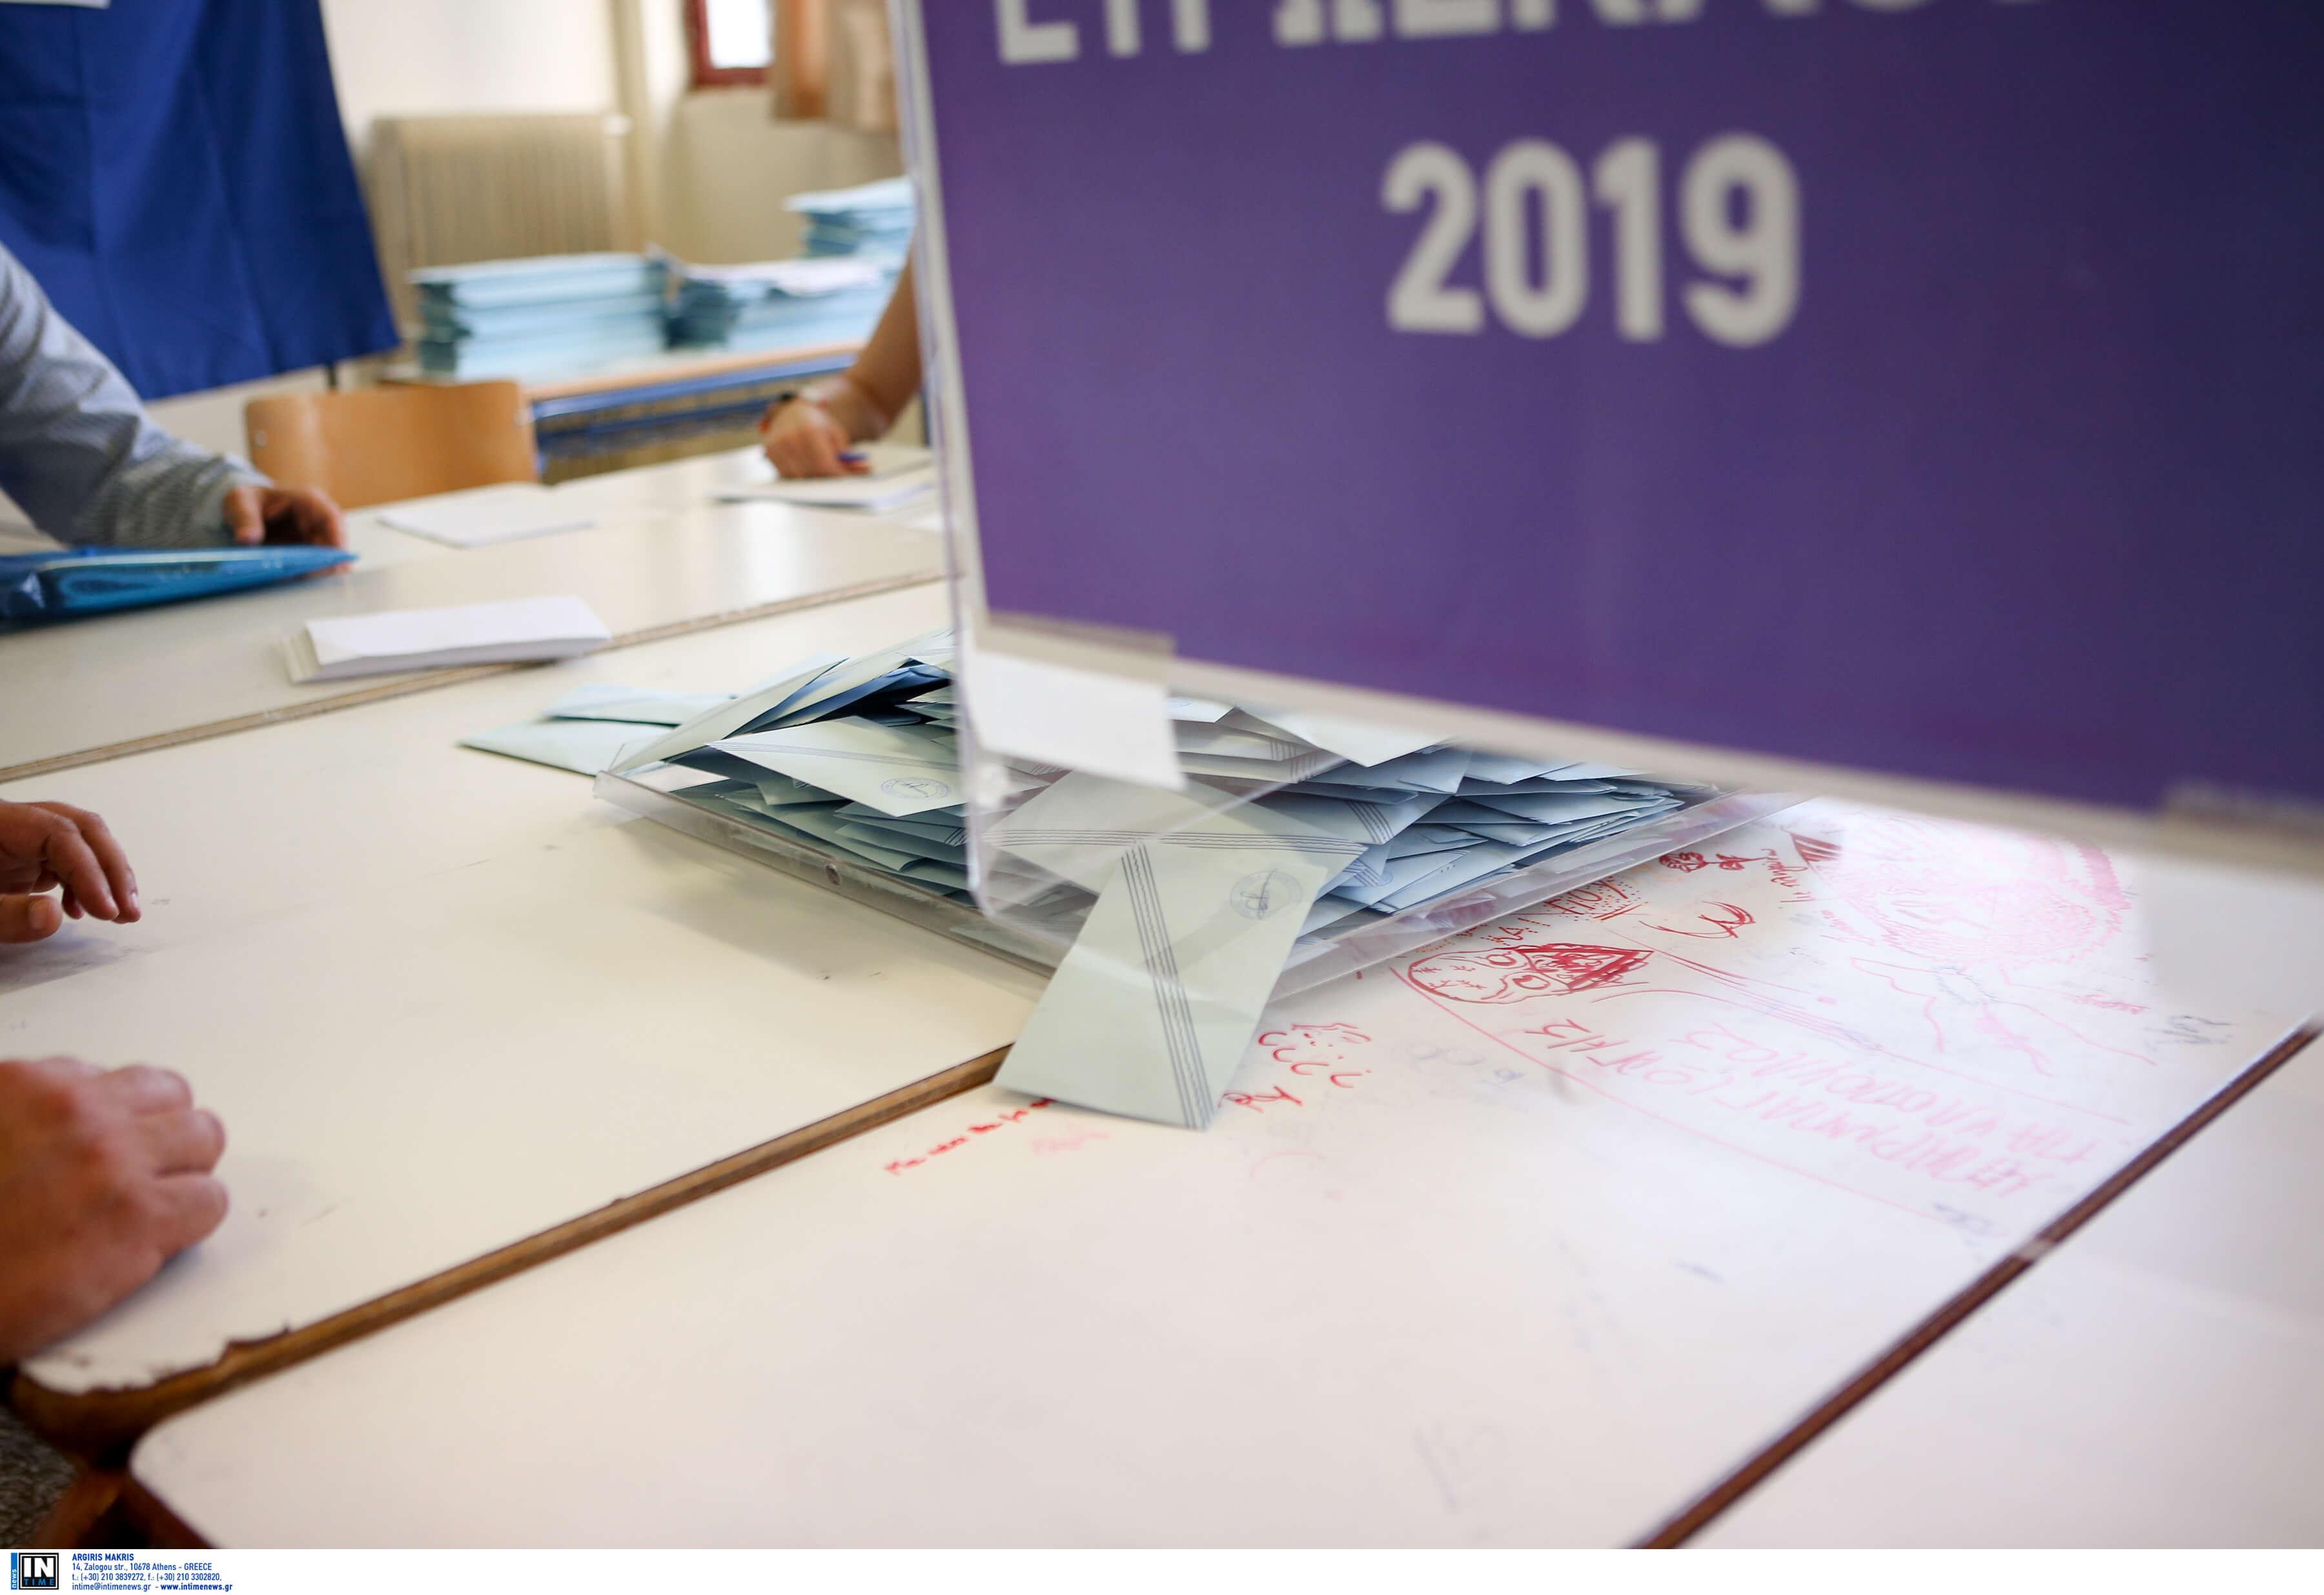 Εκλογές 2019: Οι υποψήφιοι βουλευτές Μαγνησίας – Αποτελέσματα εκλογών, ονόματα και κόμματα